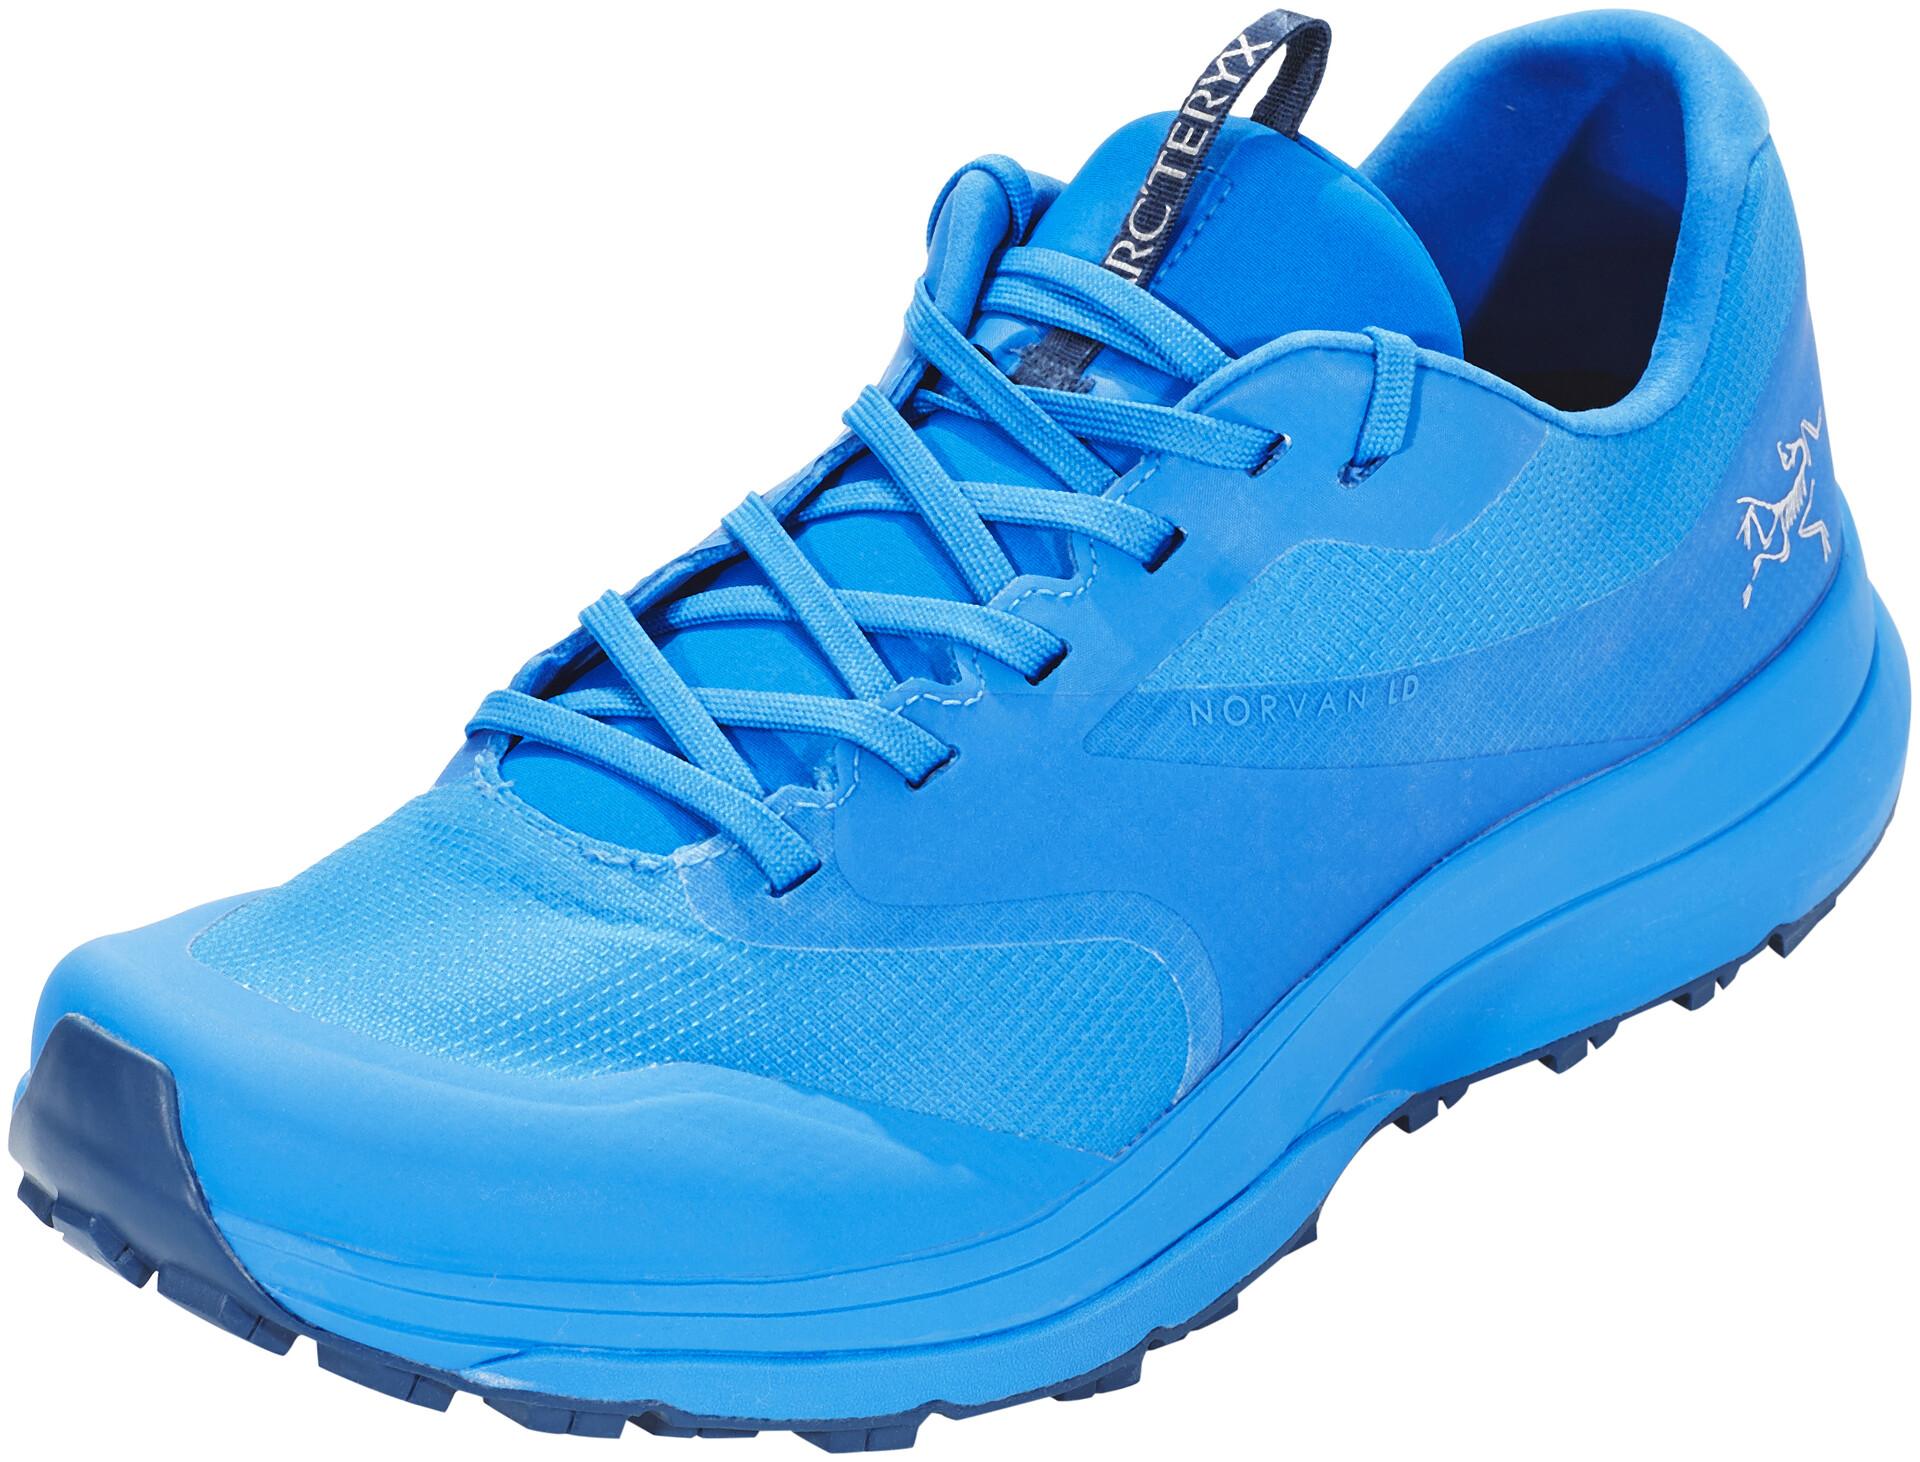 Norvan LD GTX Schuhe Damen | Arc'teryx